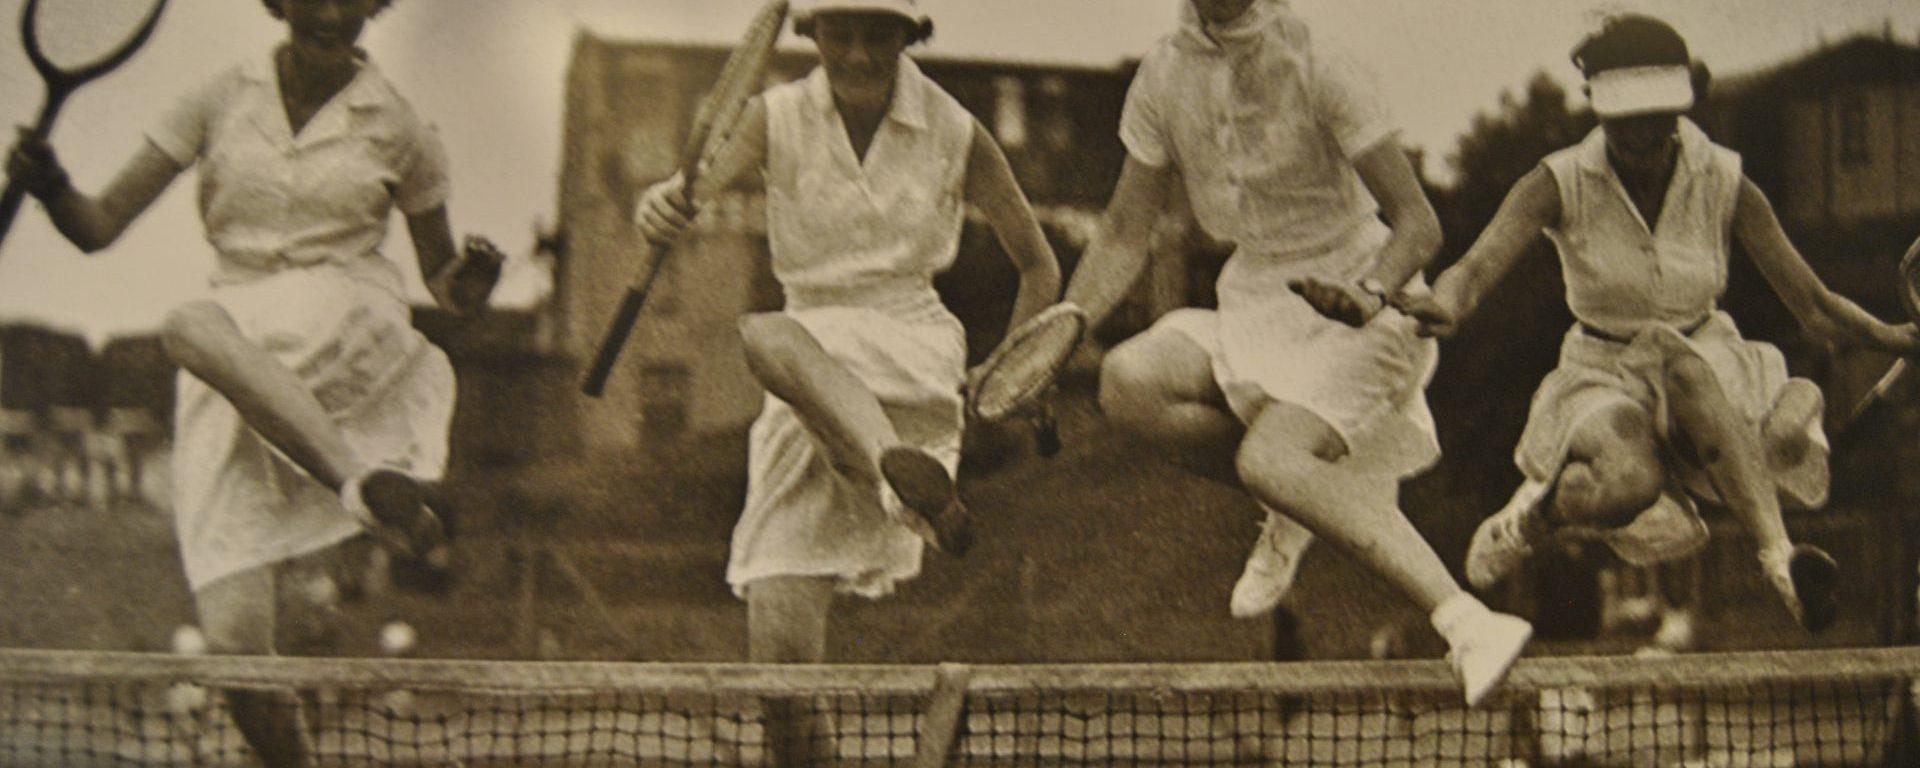 Tennis anno dazumals in Wolfenbüttel